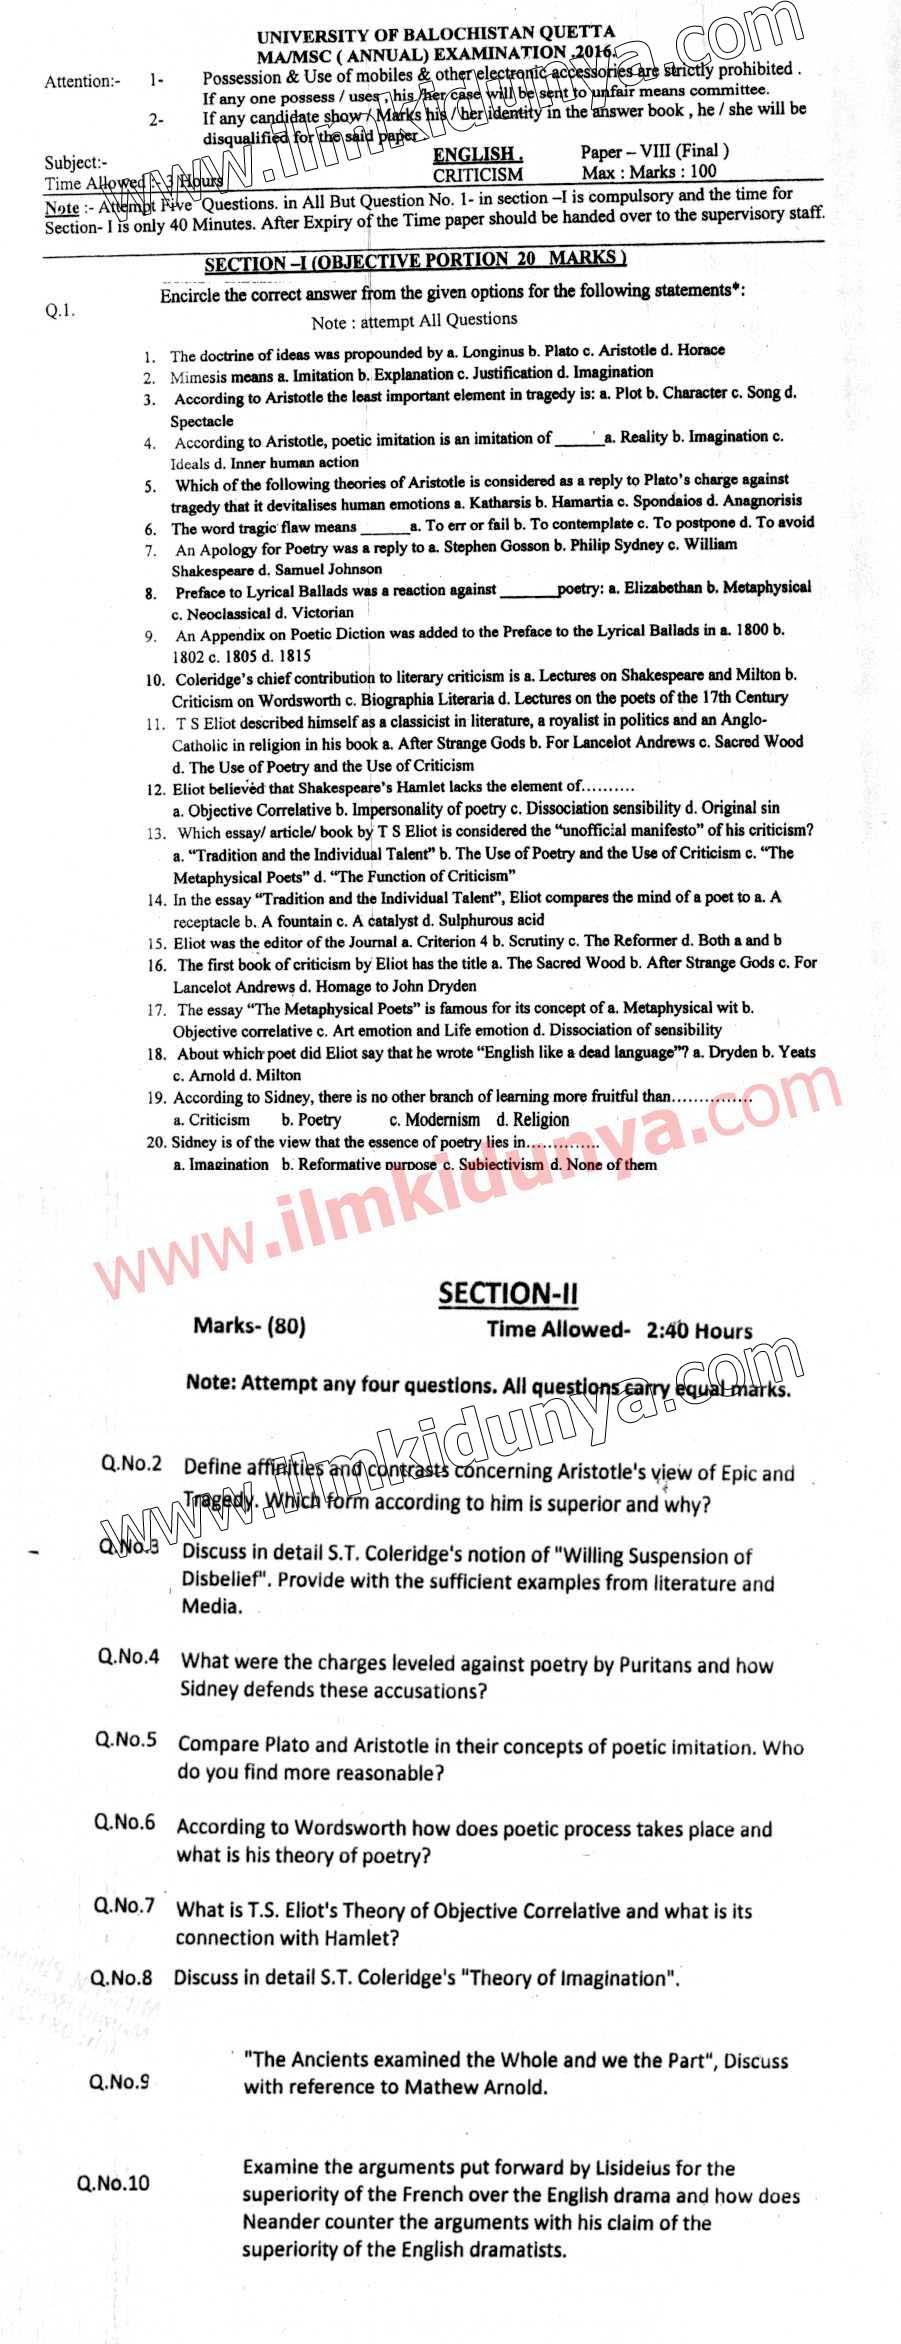 University of Balochistan MA MSc English Past Paper 2016